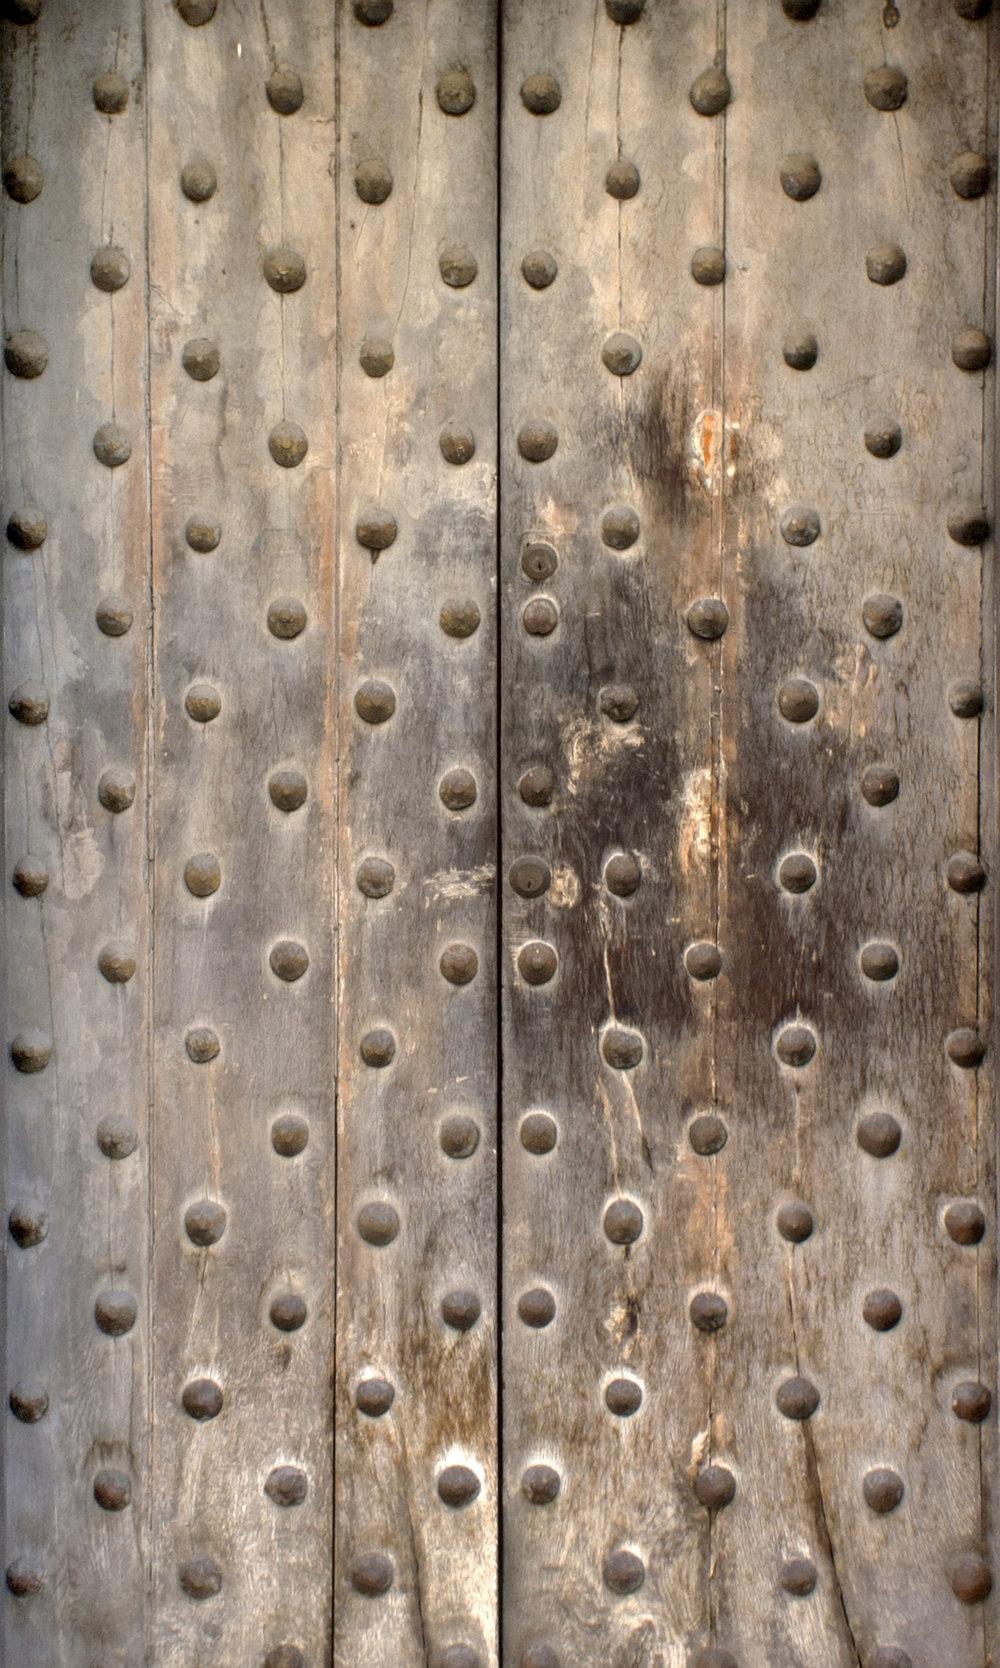 Bumpy Medieval Door.jpg